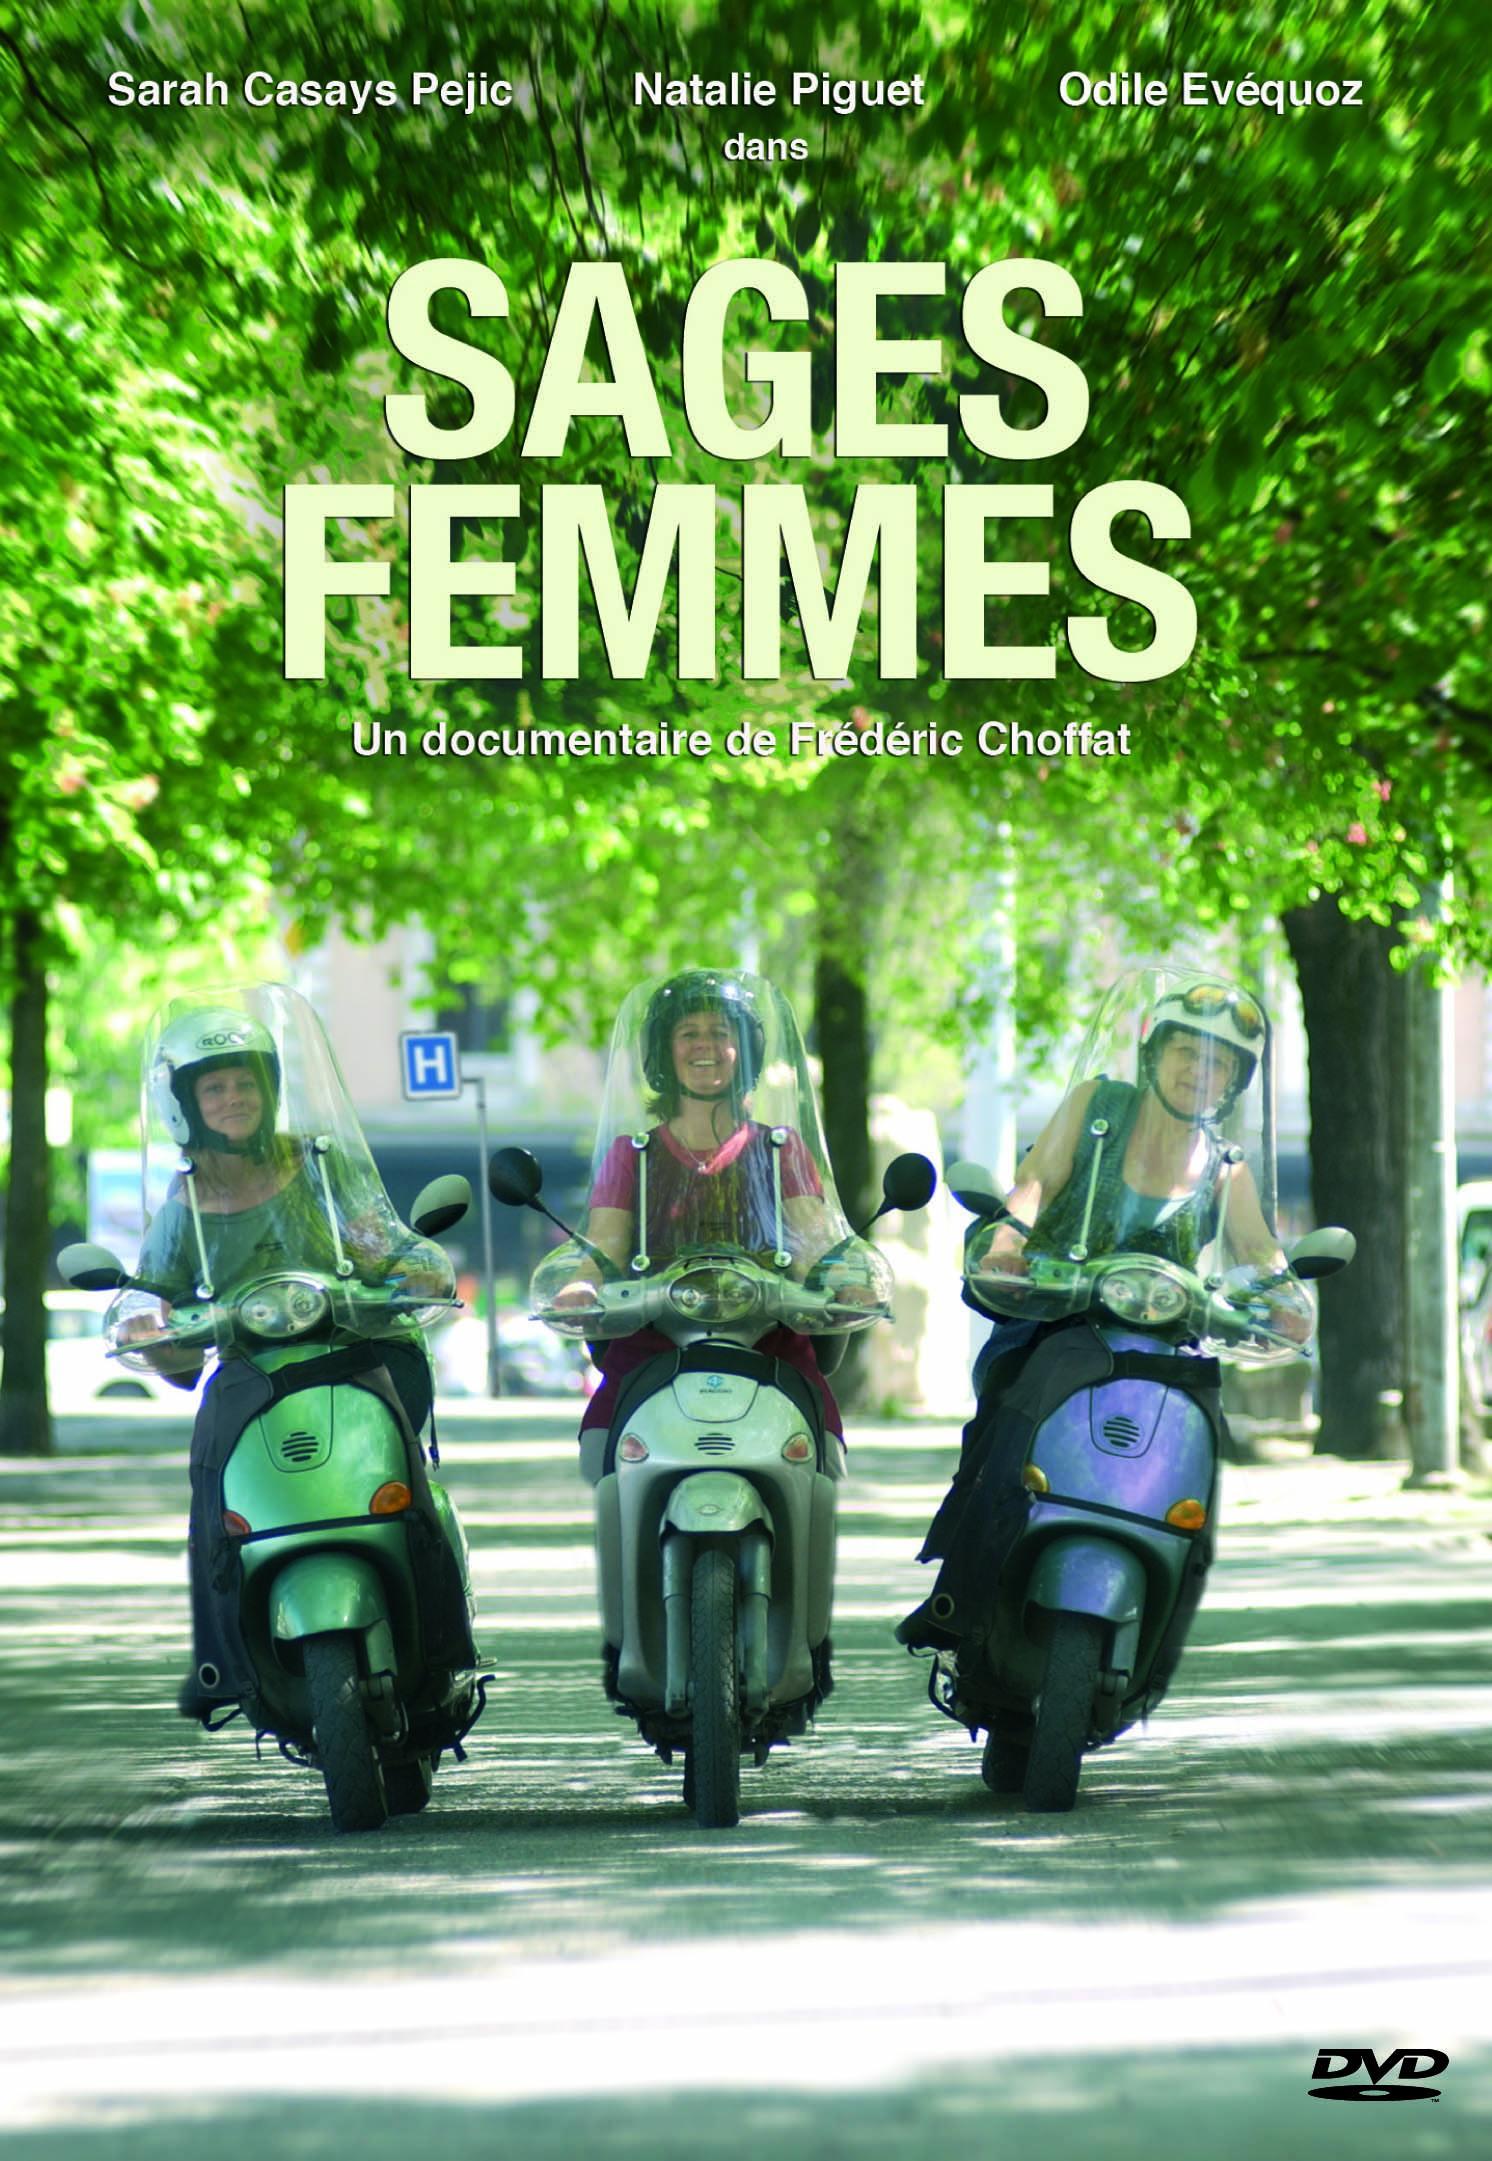 Sages femmes - dvd